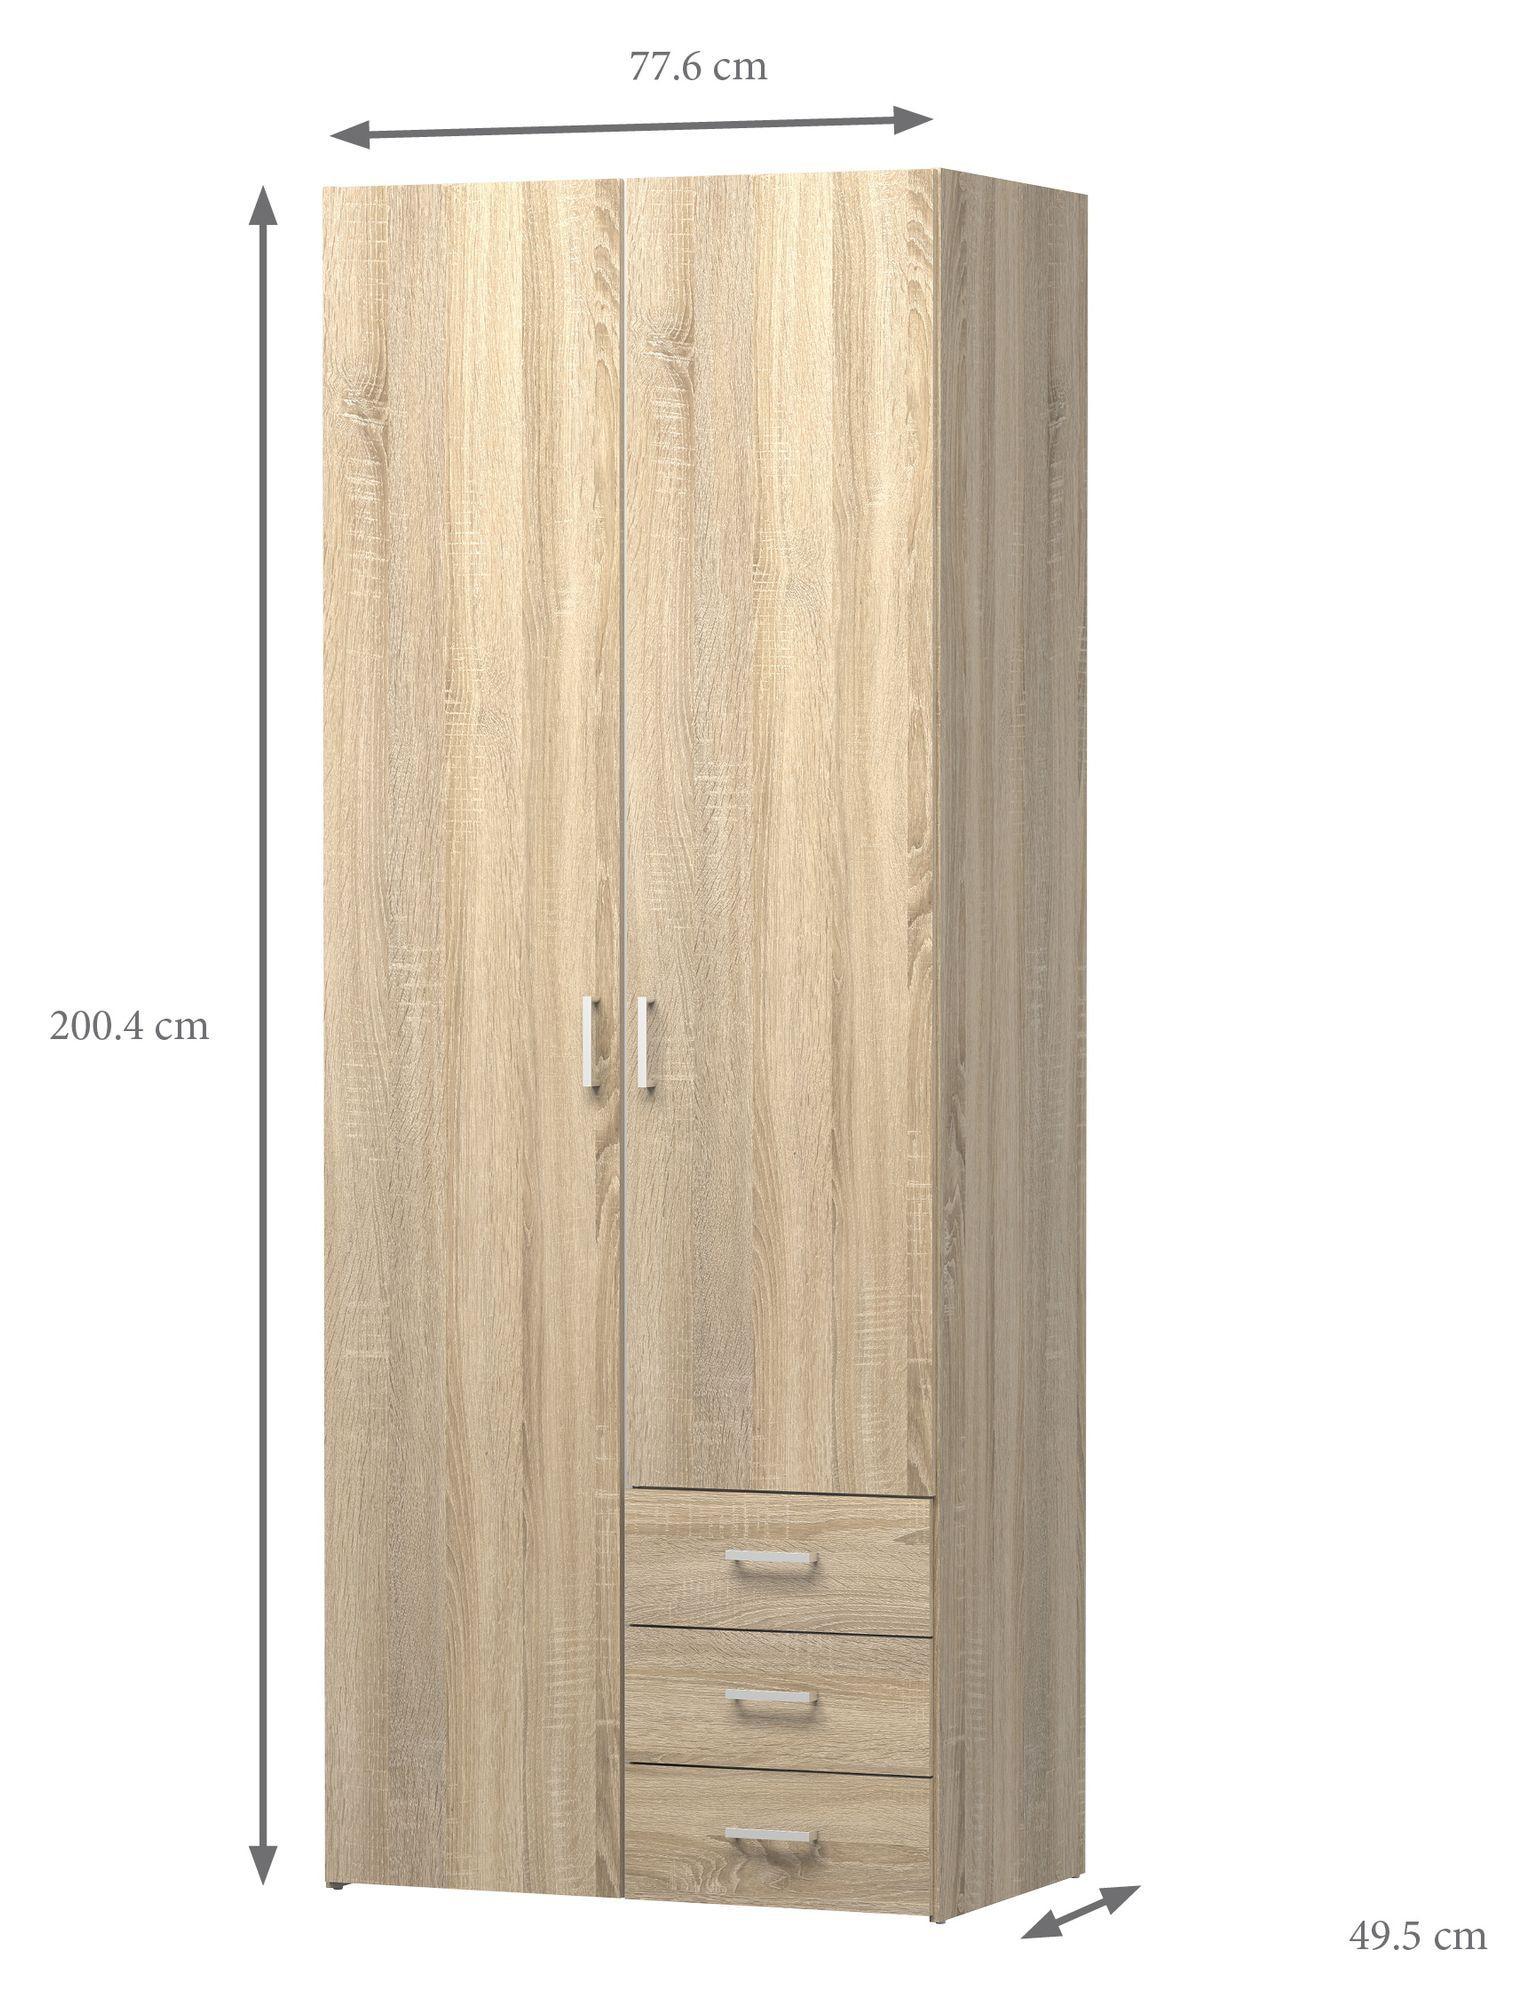 Space Garderobeskab - Lys træ - Garderobeskab i lyst træ med bøjlestang